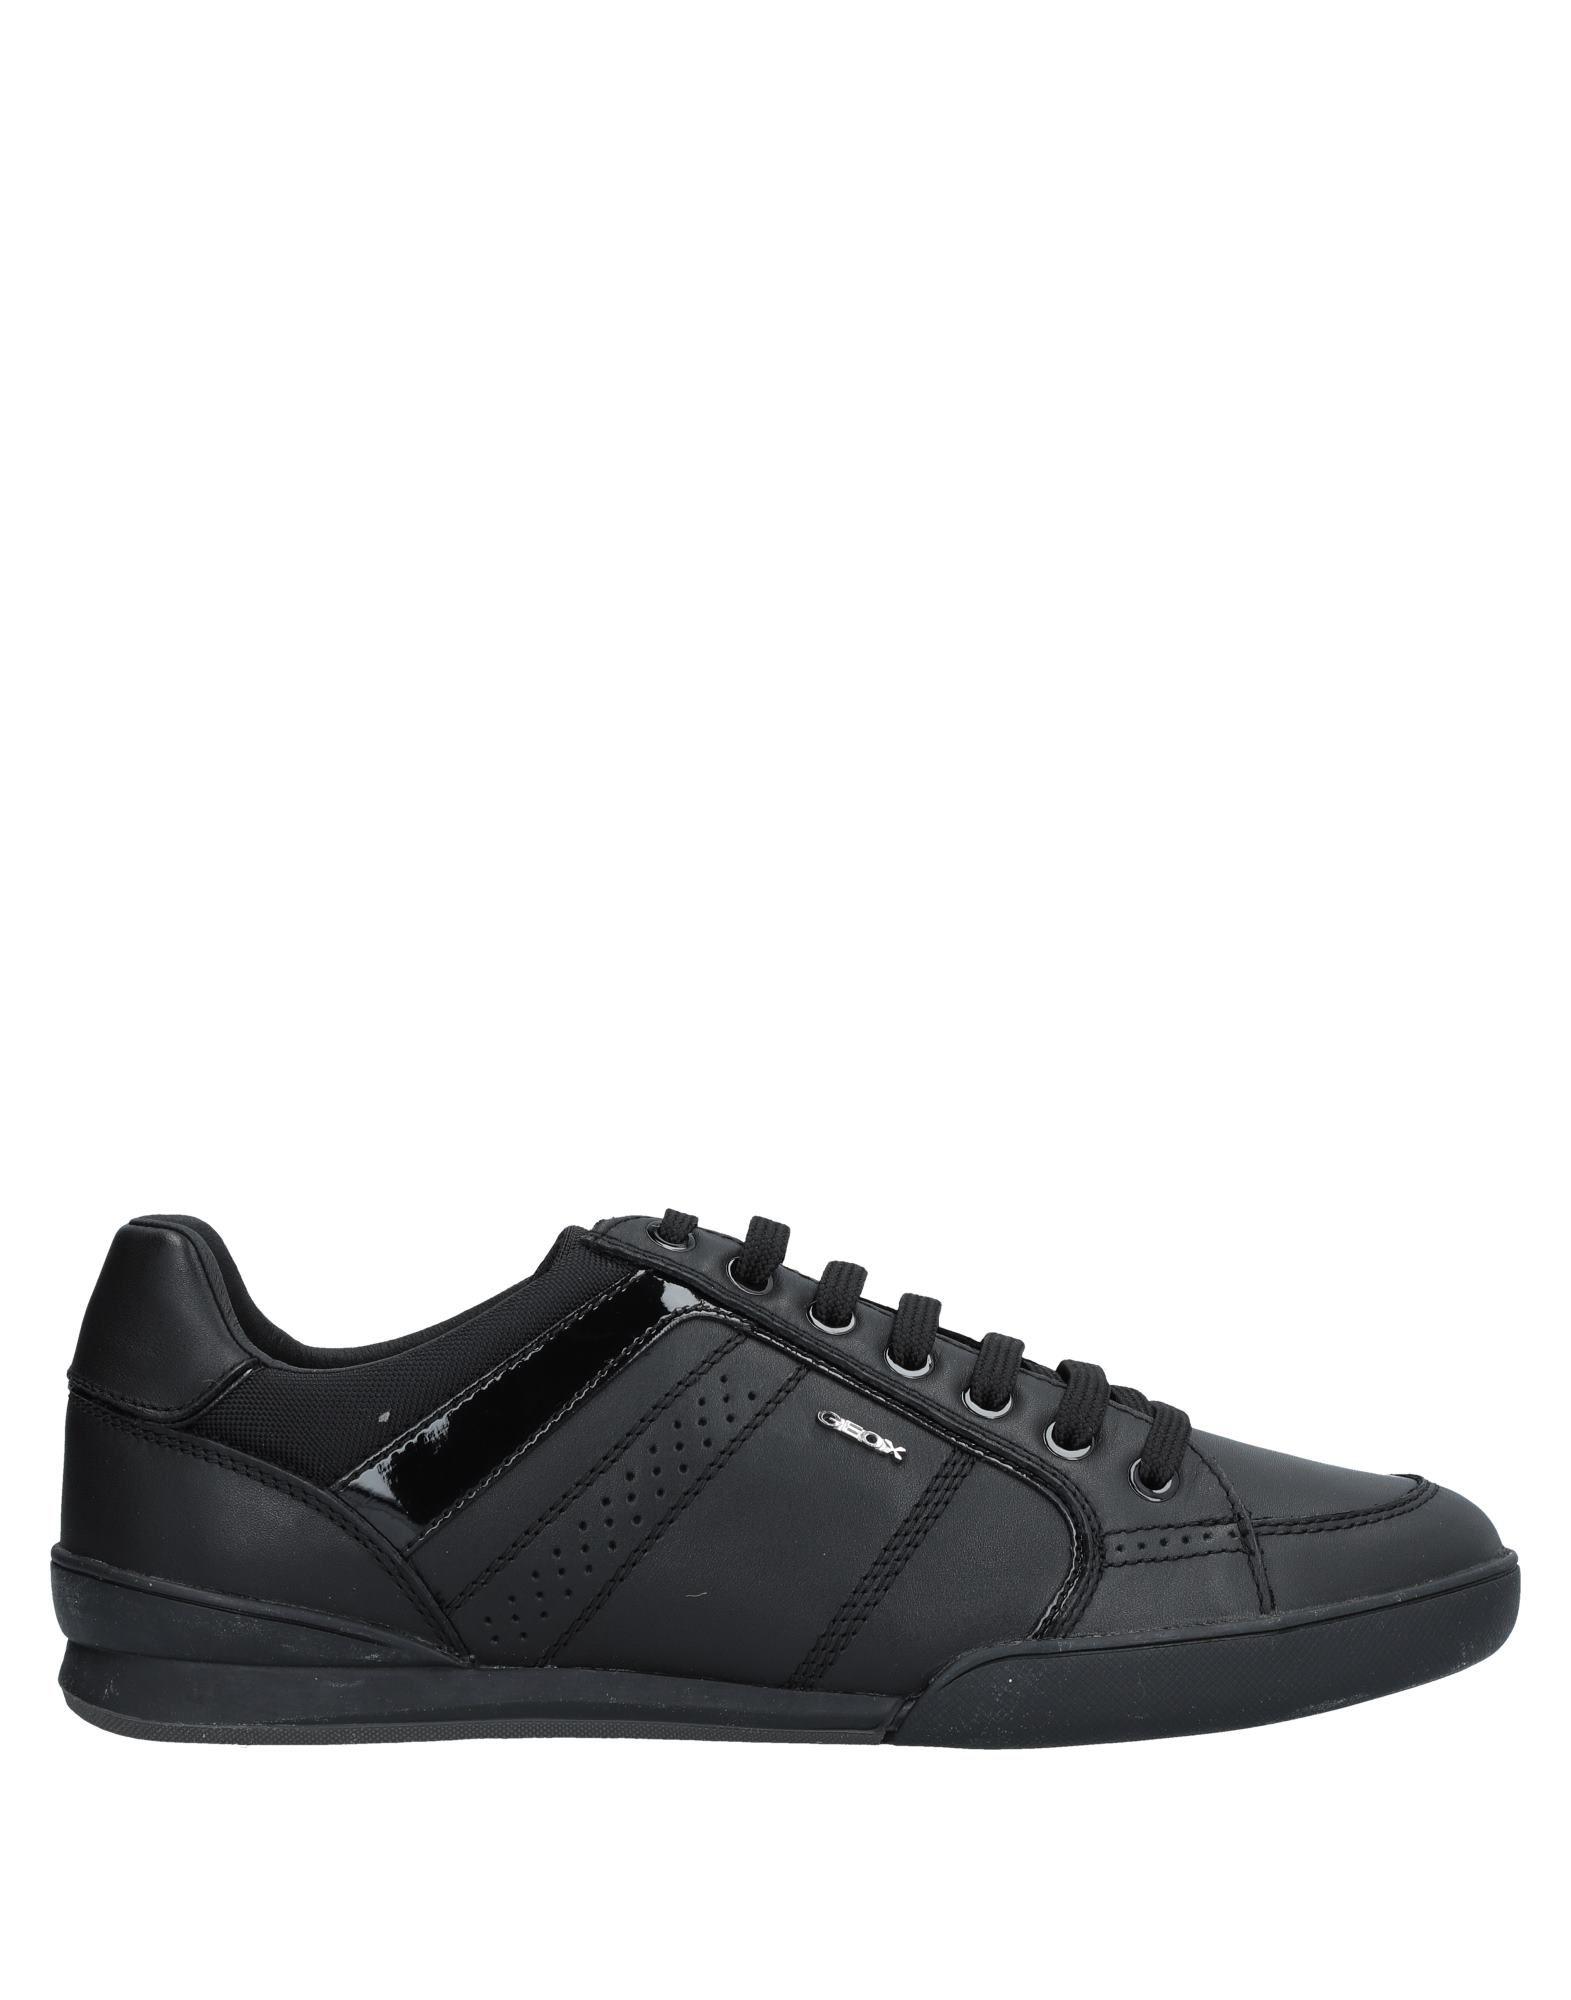 Sneakers Geox Homme - Sneakers Geox  Noir Les chaussures les plus populaires pour les hommes et les femmes